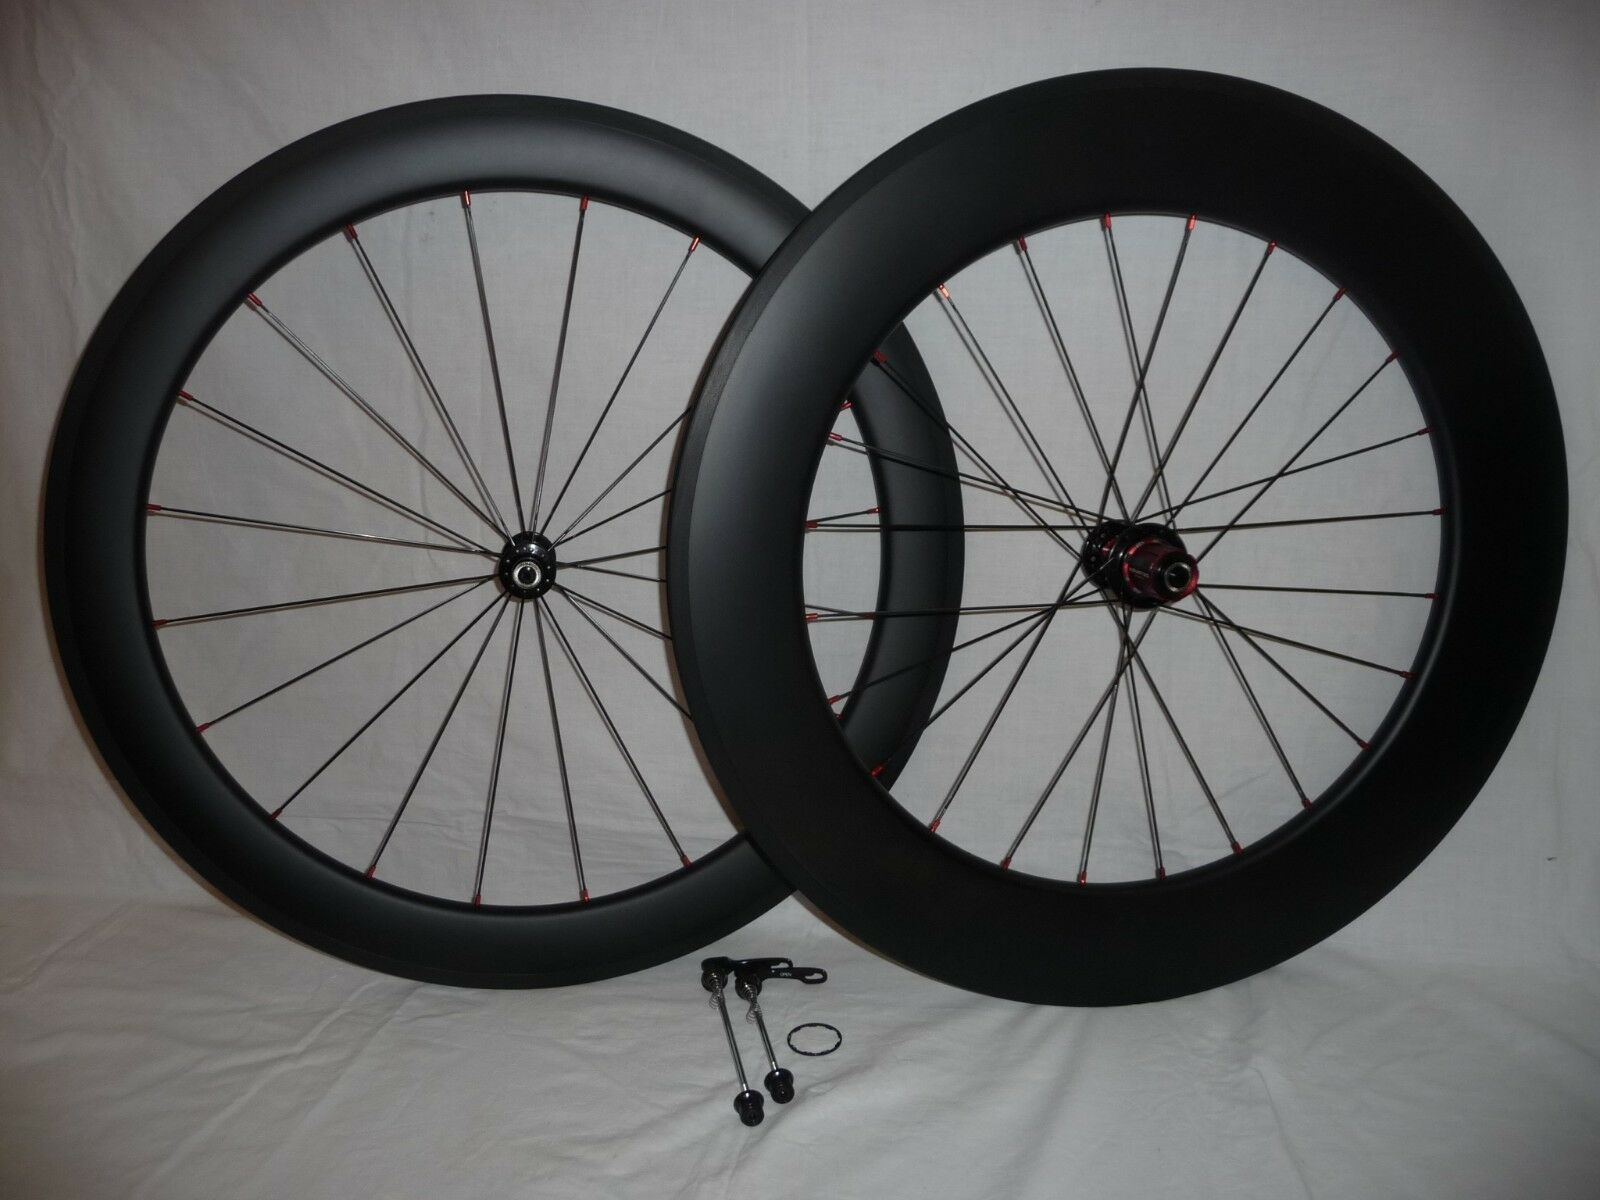 Carbonal 60mm 88mm deep, TT speed carbon clincher wheels